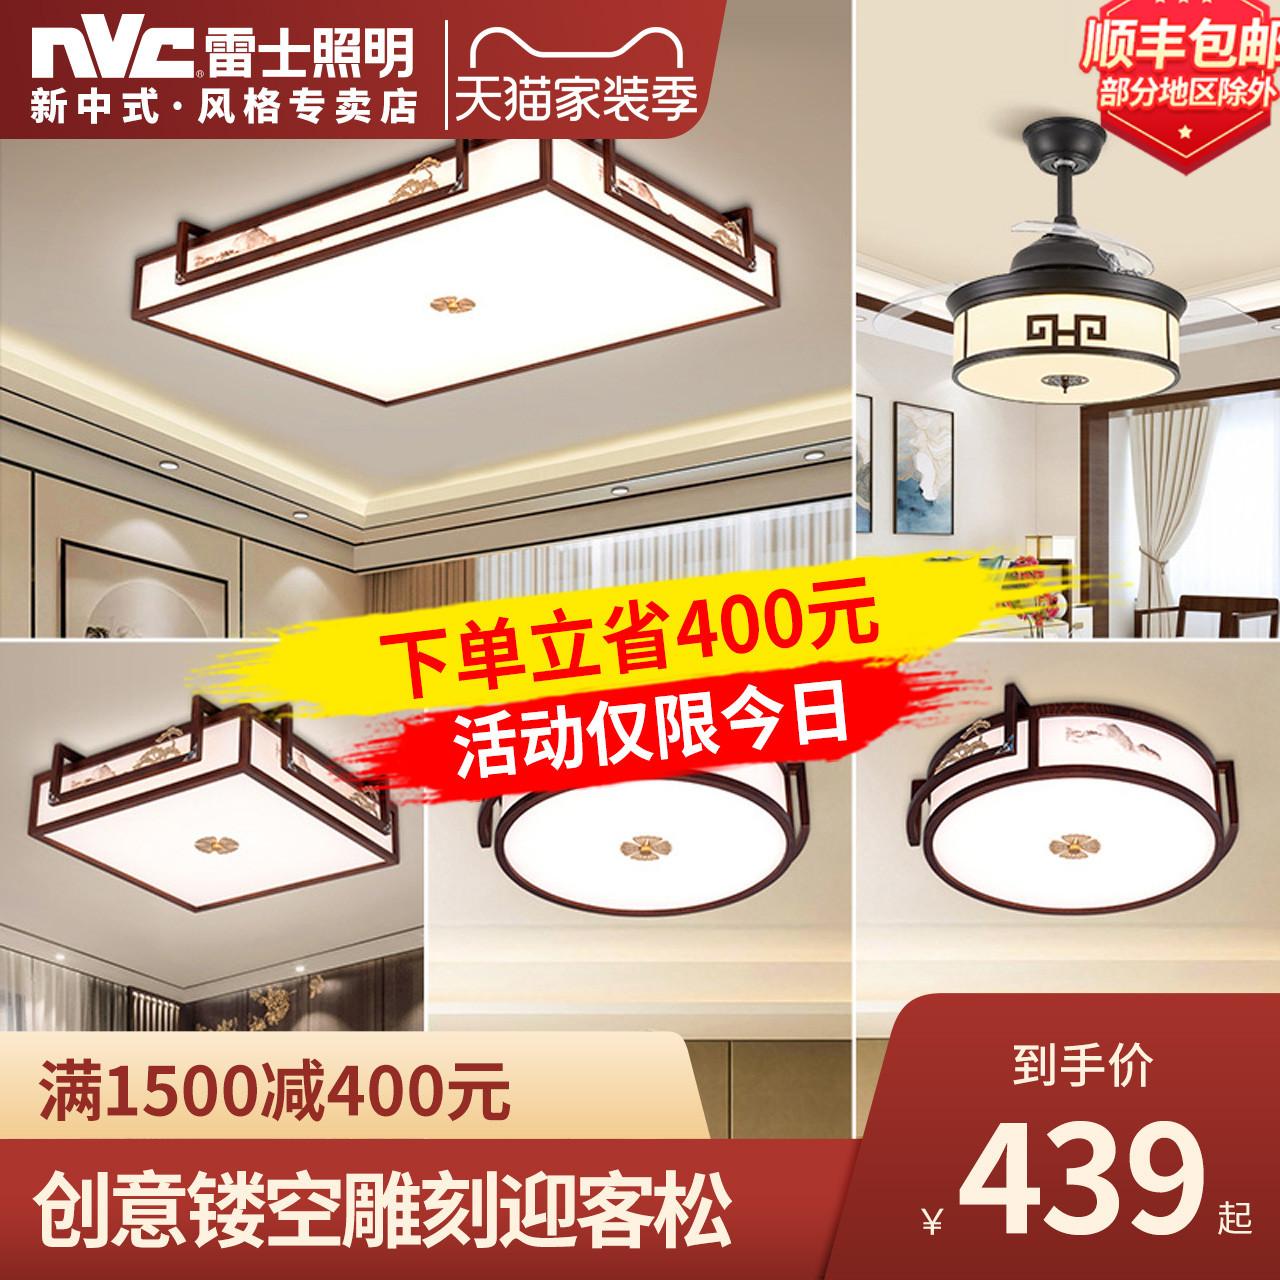 雷士照明LED现代新中式古典禅意木艺客厅吸顶灯简约卧室灯具灯饰